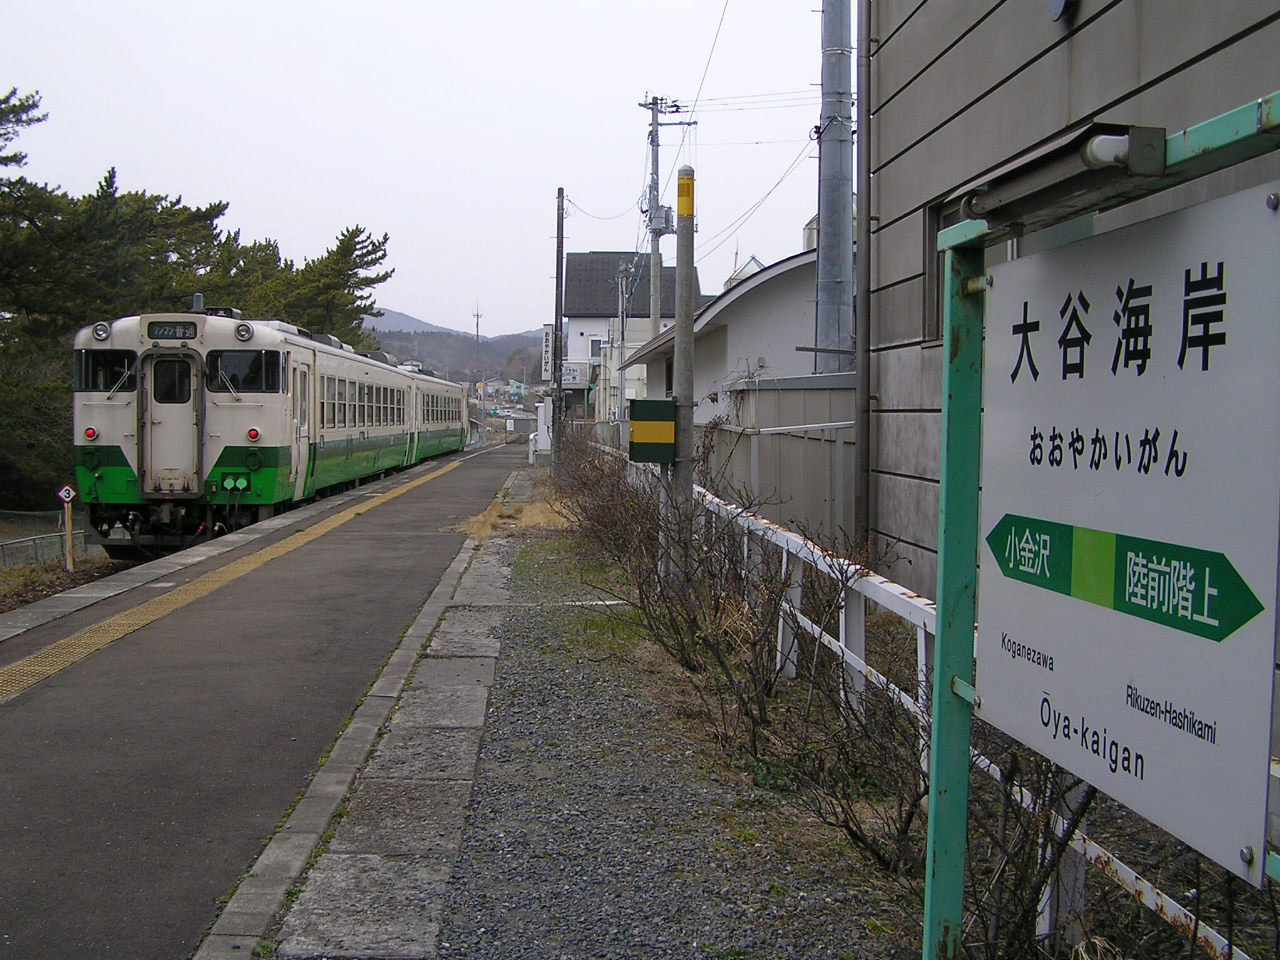 緑色の帯が景色に馴染む列車の姿。(2007年3月)